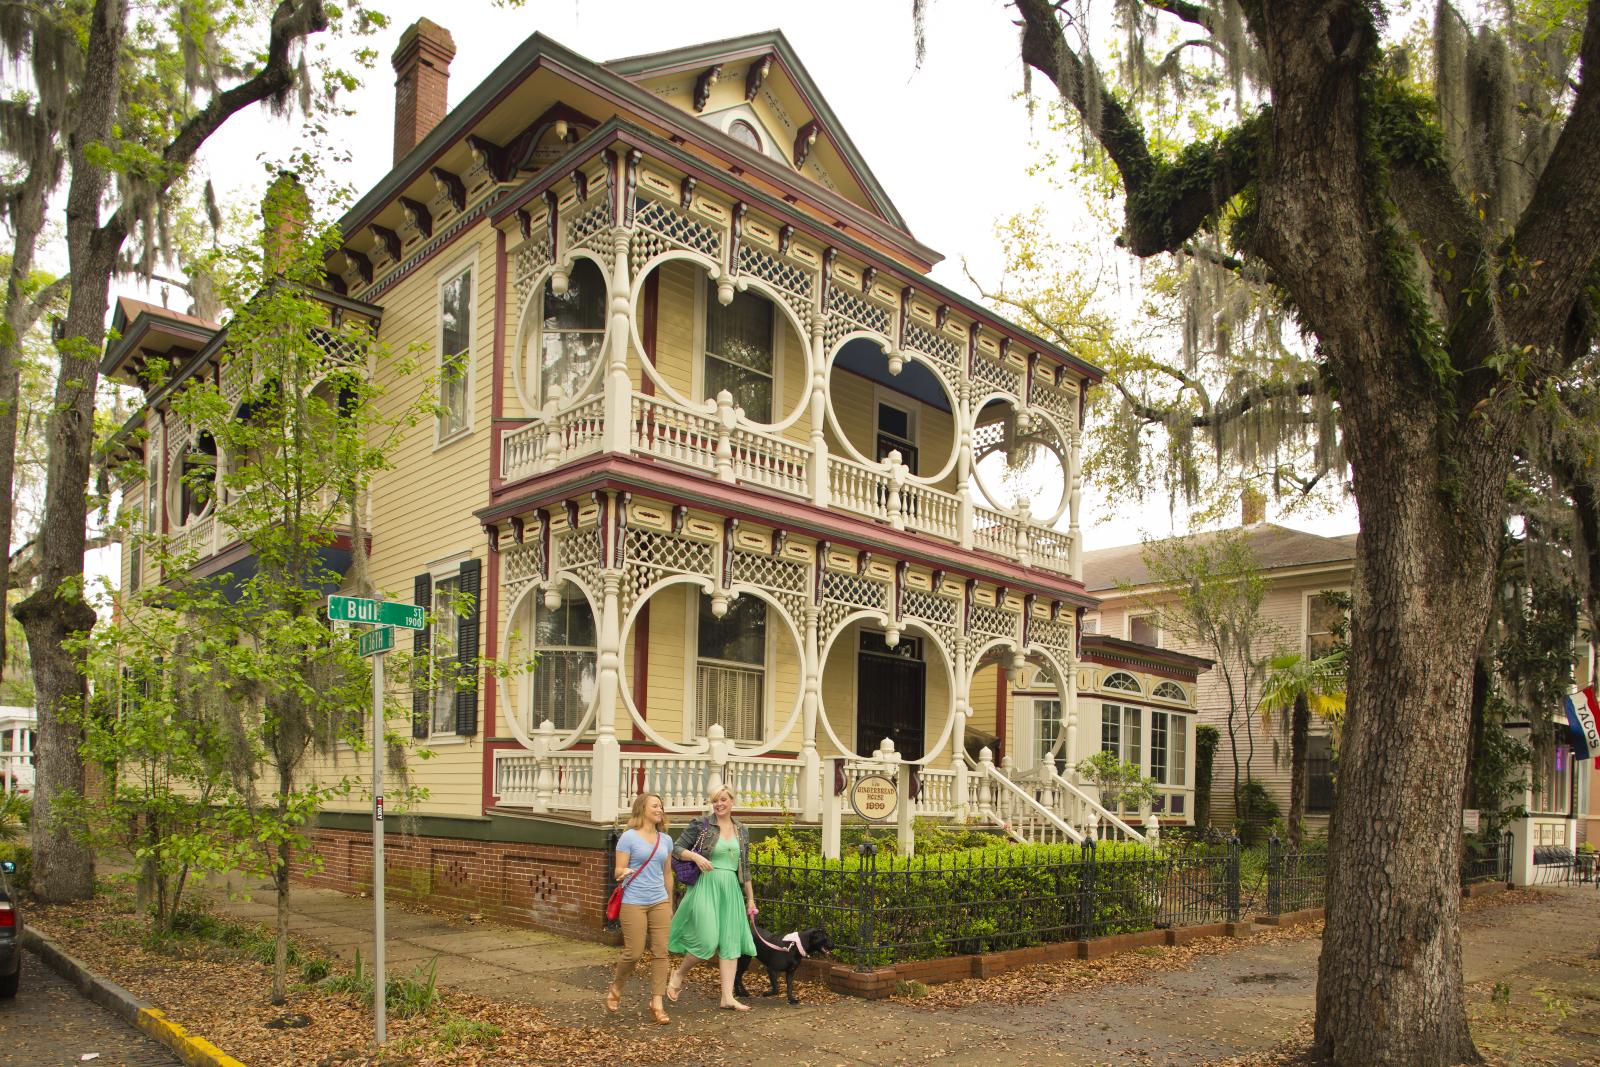 Das Gingerbread House in Savannah